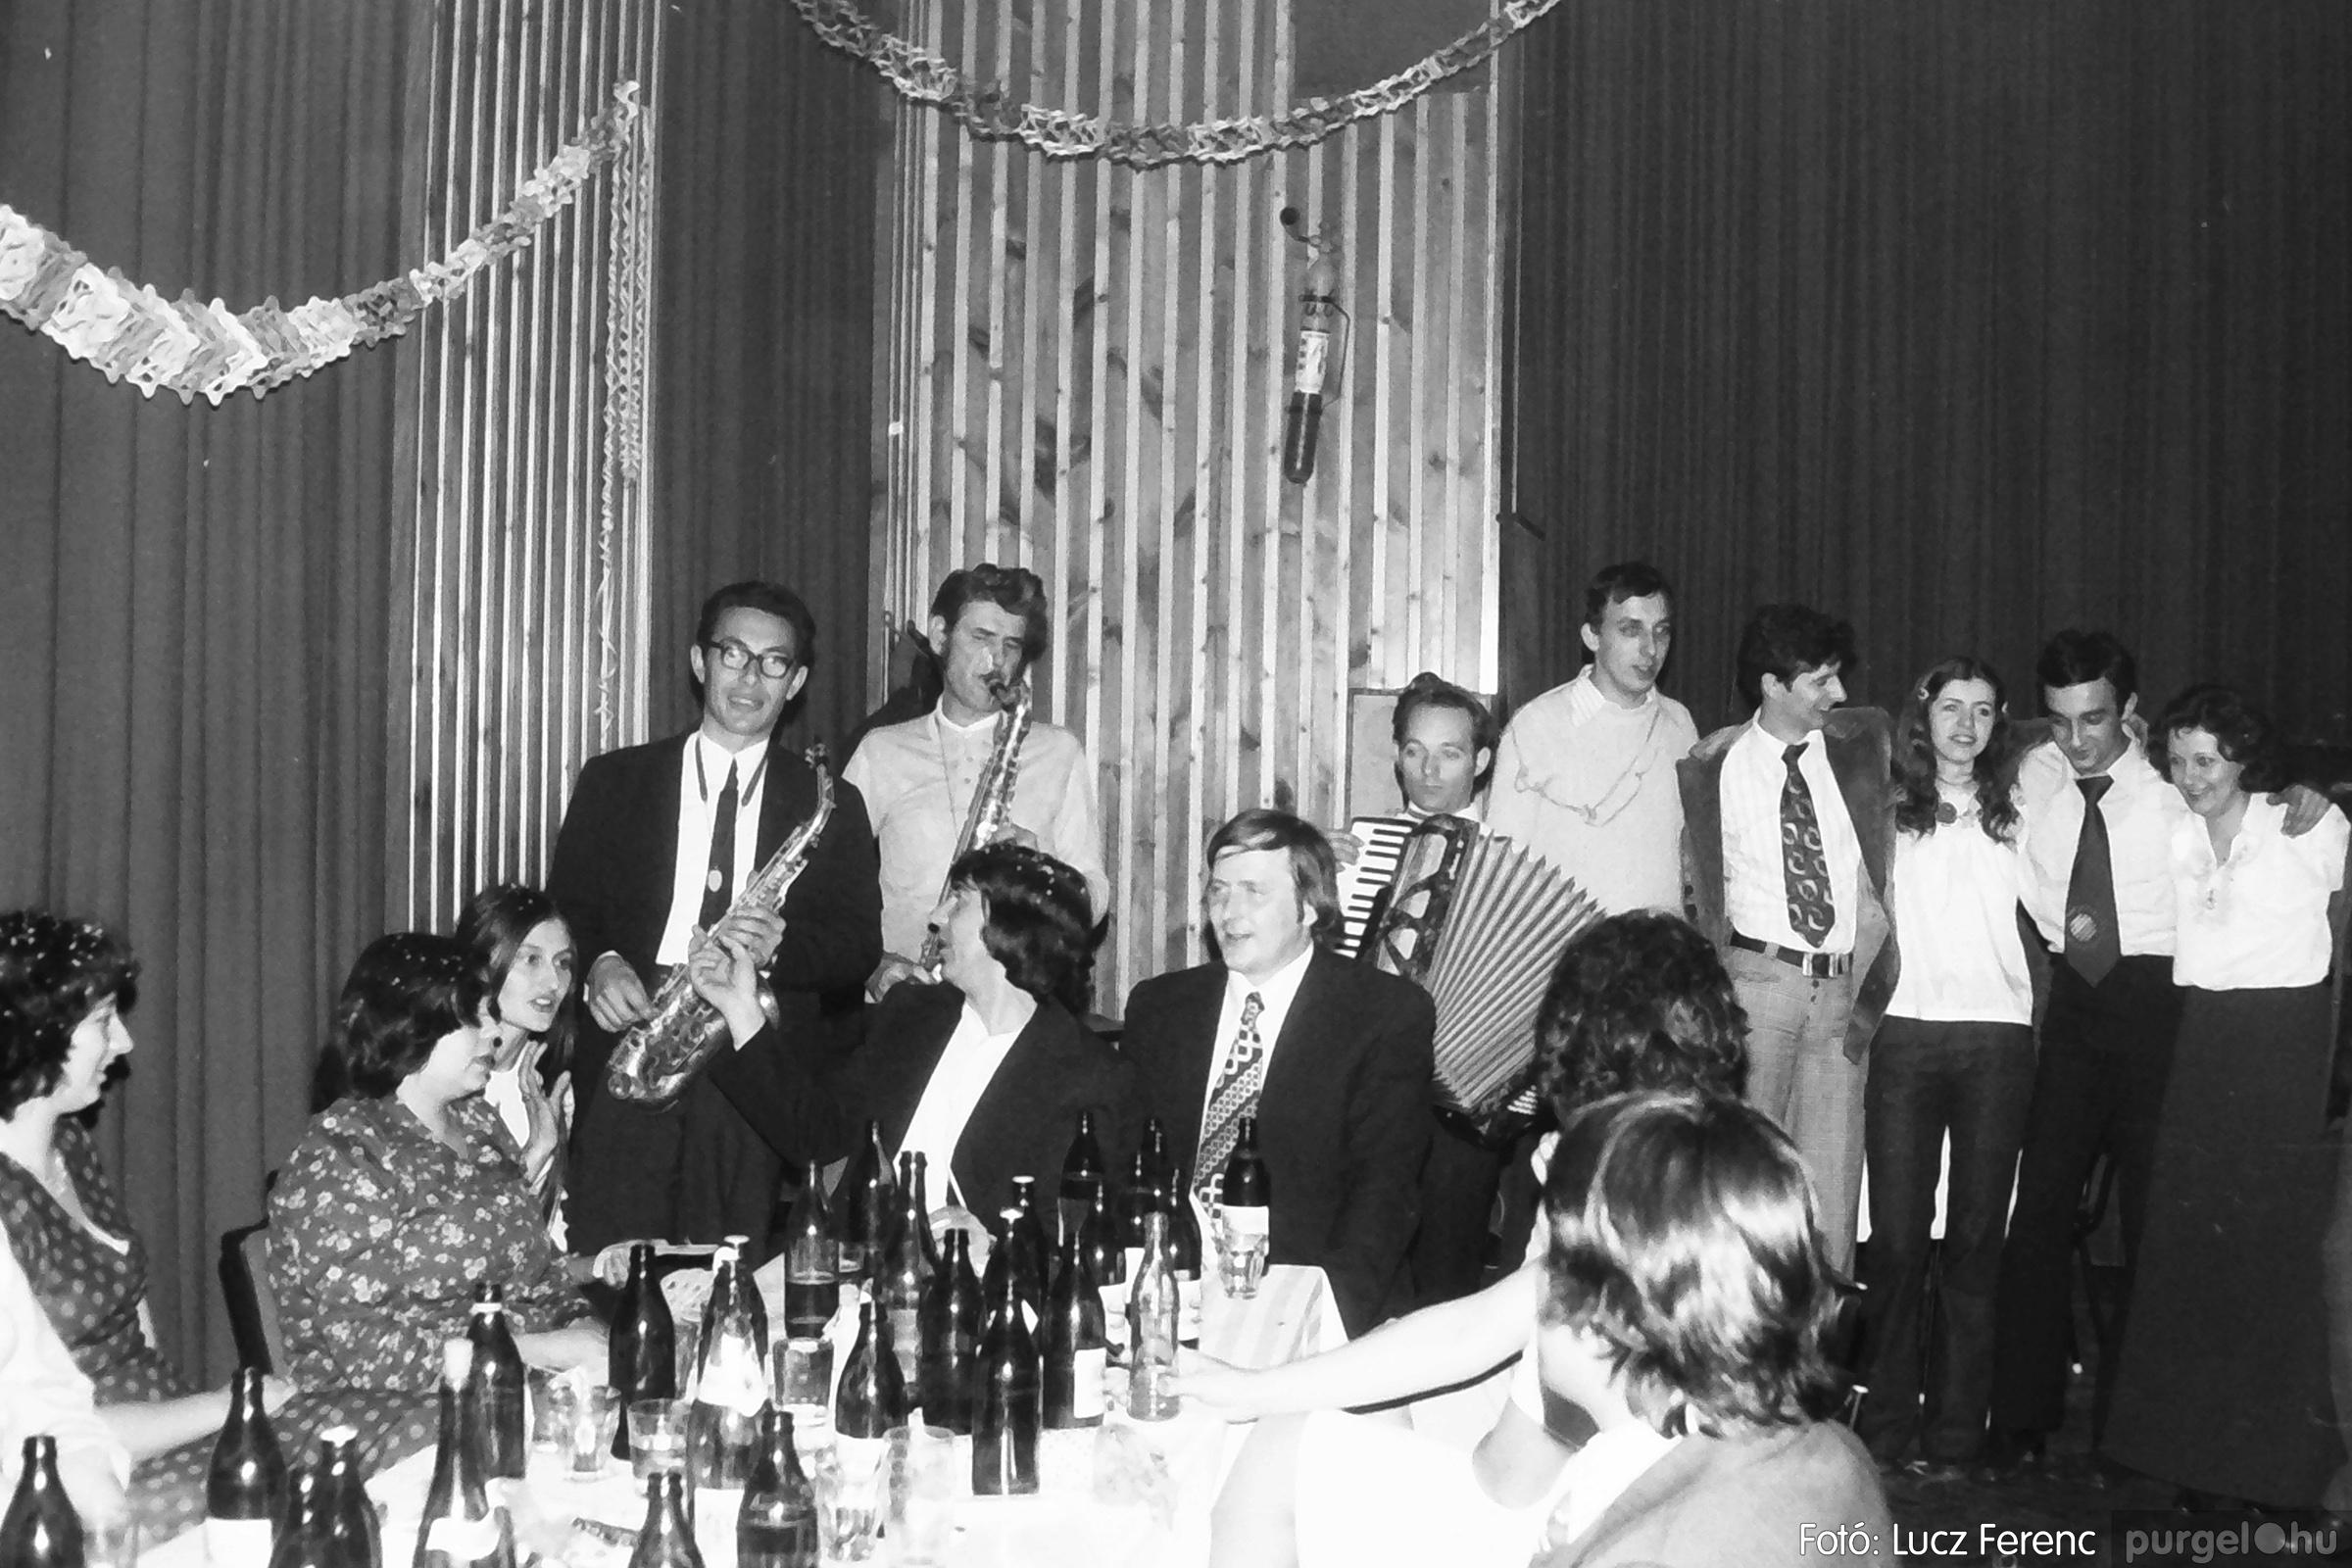 097. 1977.12.31. Szilveszter a kultúrházban 004. - Fotó: Lucz Ferenc.jpg